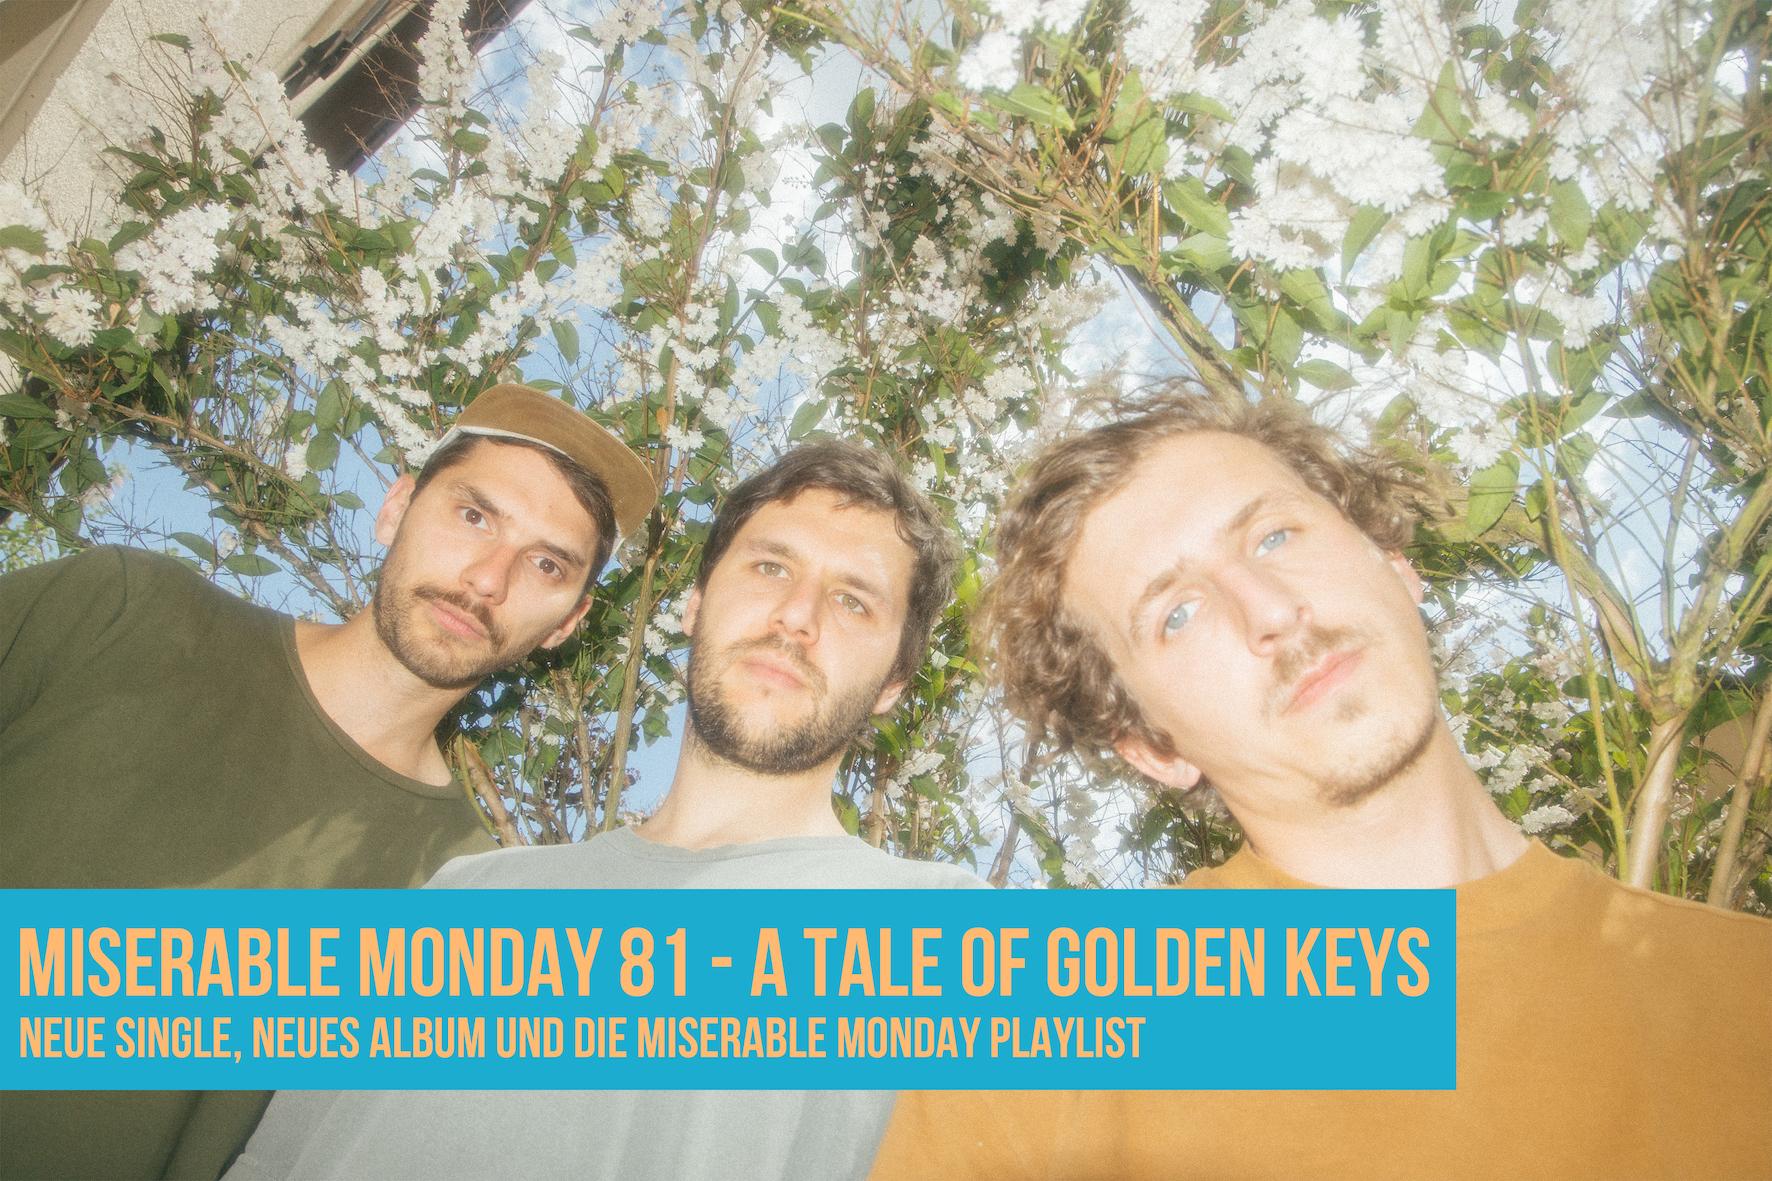 81 - A Tale Of Golden Keys